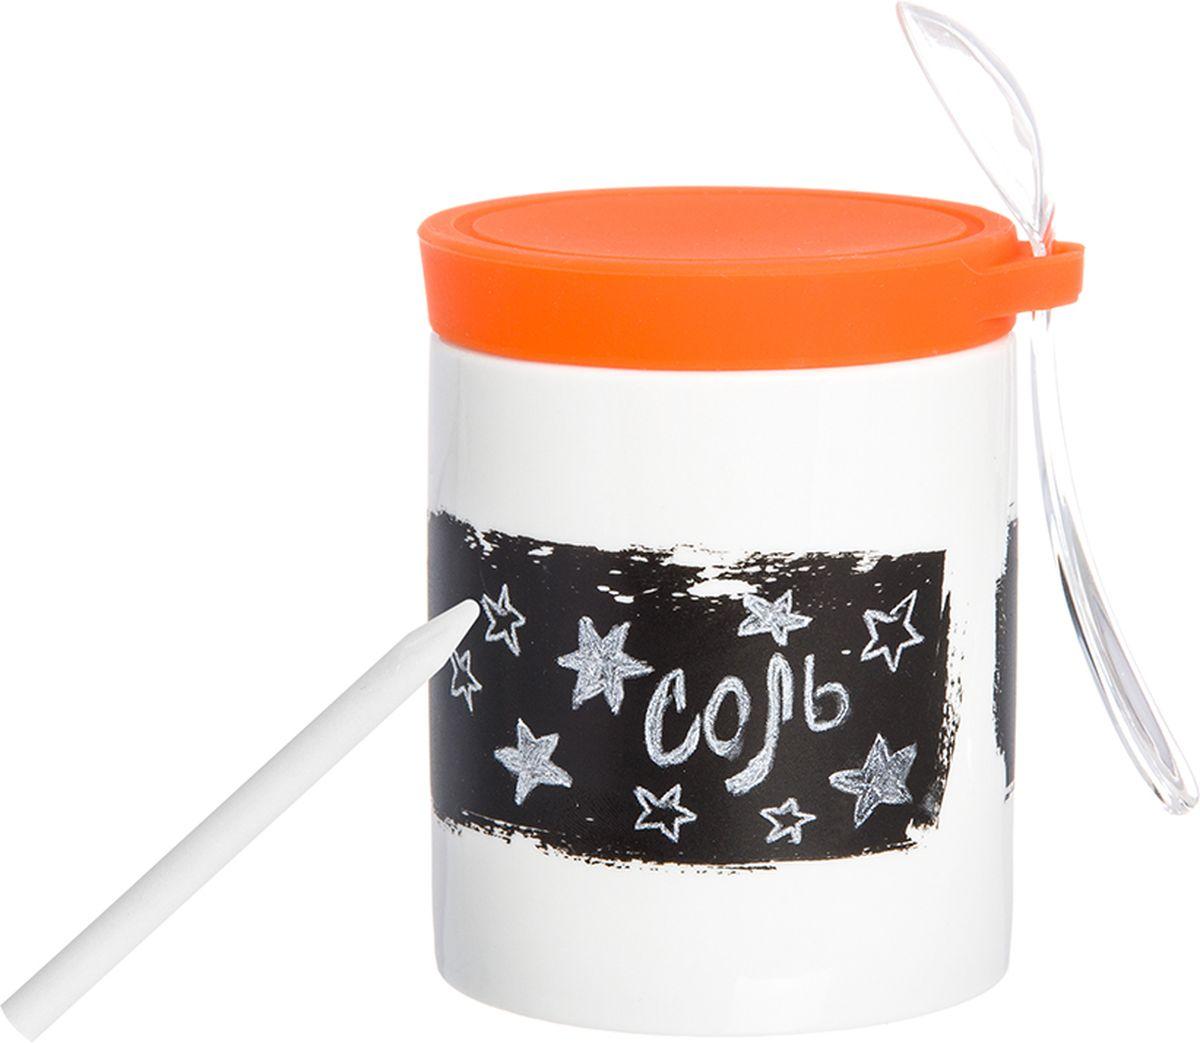 Банка для специй Elan Gallery, с наклейкой, ложкой, карандашом и крышкой, цвет: белый, оранжевый, 350 мл900021Банка для специй с ложкой - великолепная идея для подарка, которому обрадуется любая хозяйка, заботящаяся о домашнем уюте и комфорте! Банка отличается оригинальным дизайном и функциональностью. Объем 350 мл. С графитовой наклейкой, с пластиковой ложкой, с карандашом и силиконовой крышкой.